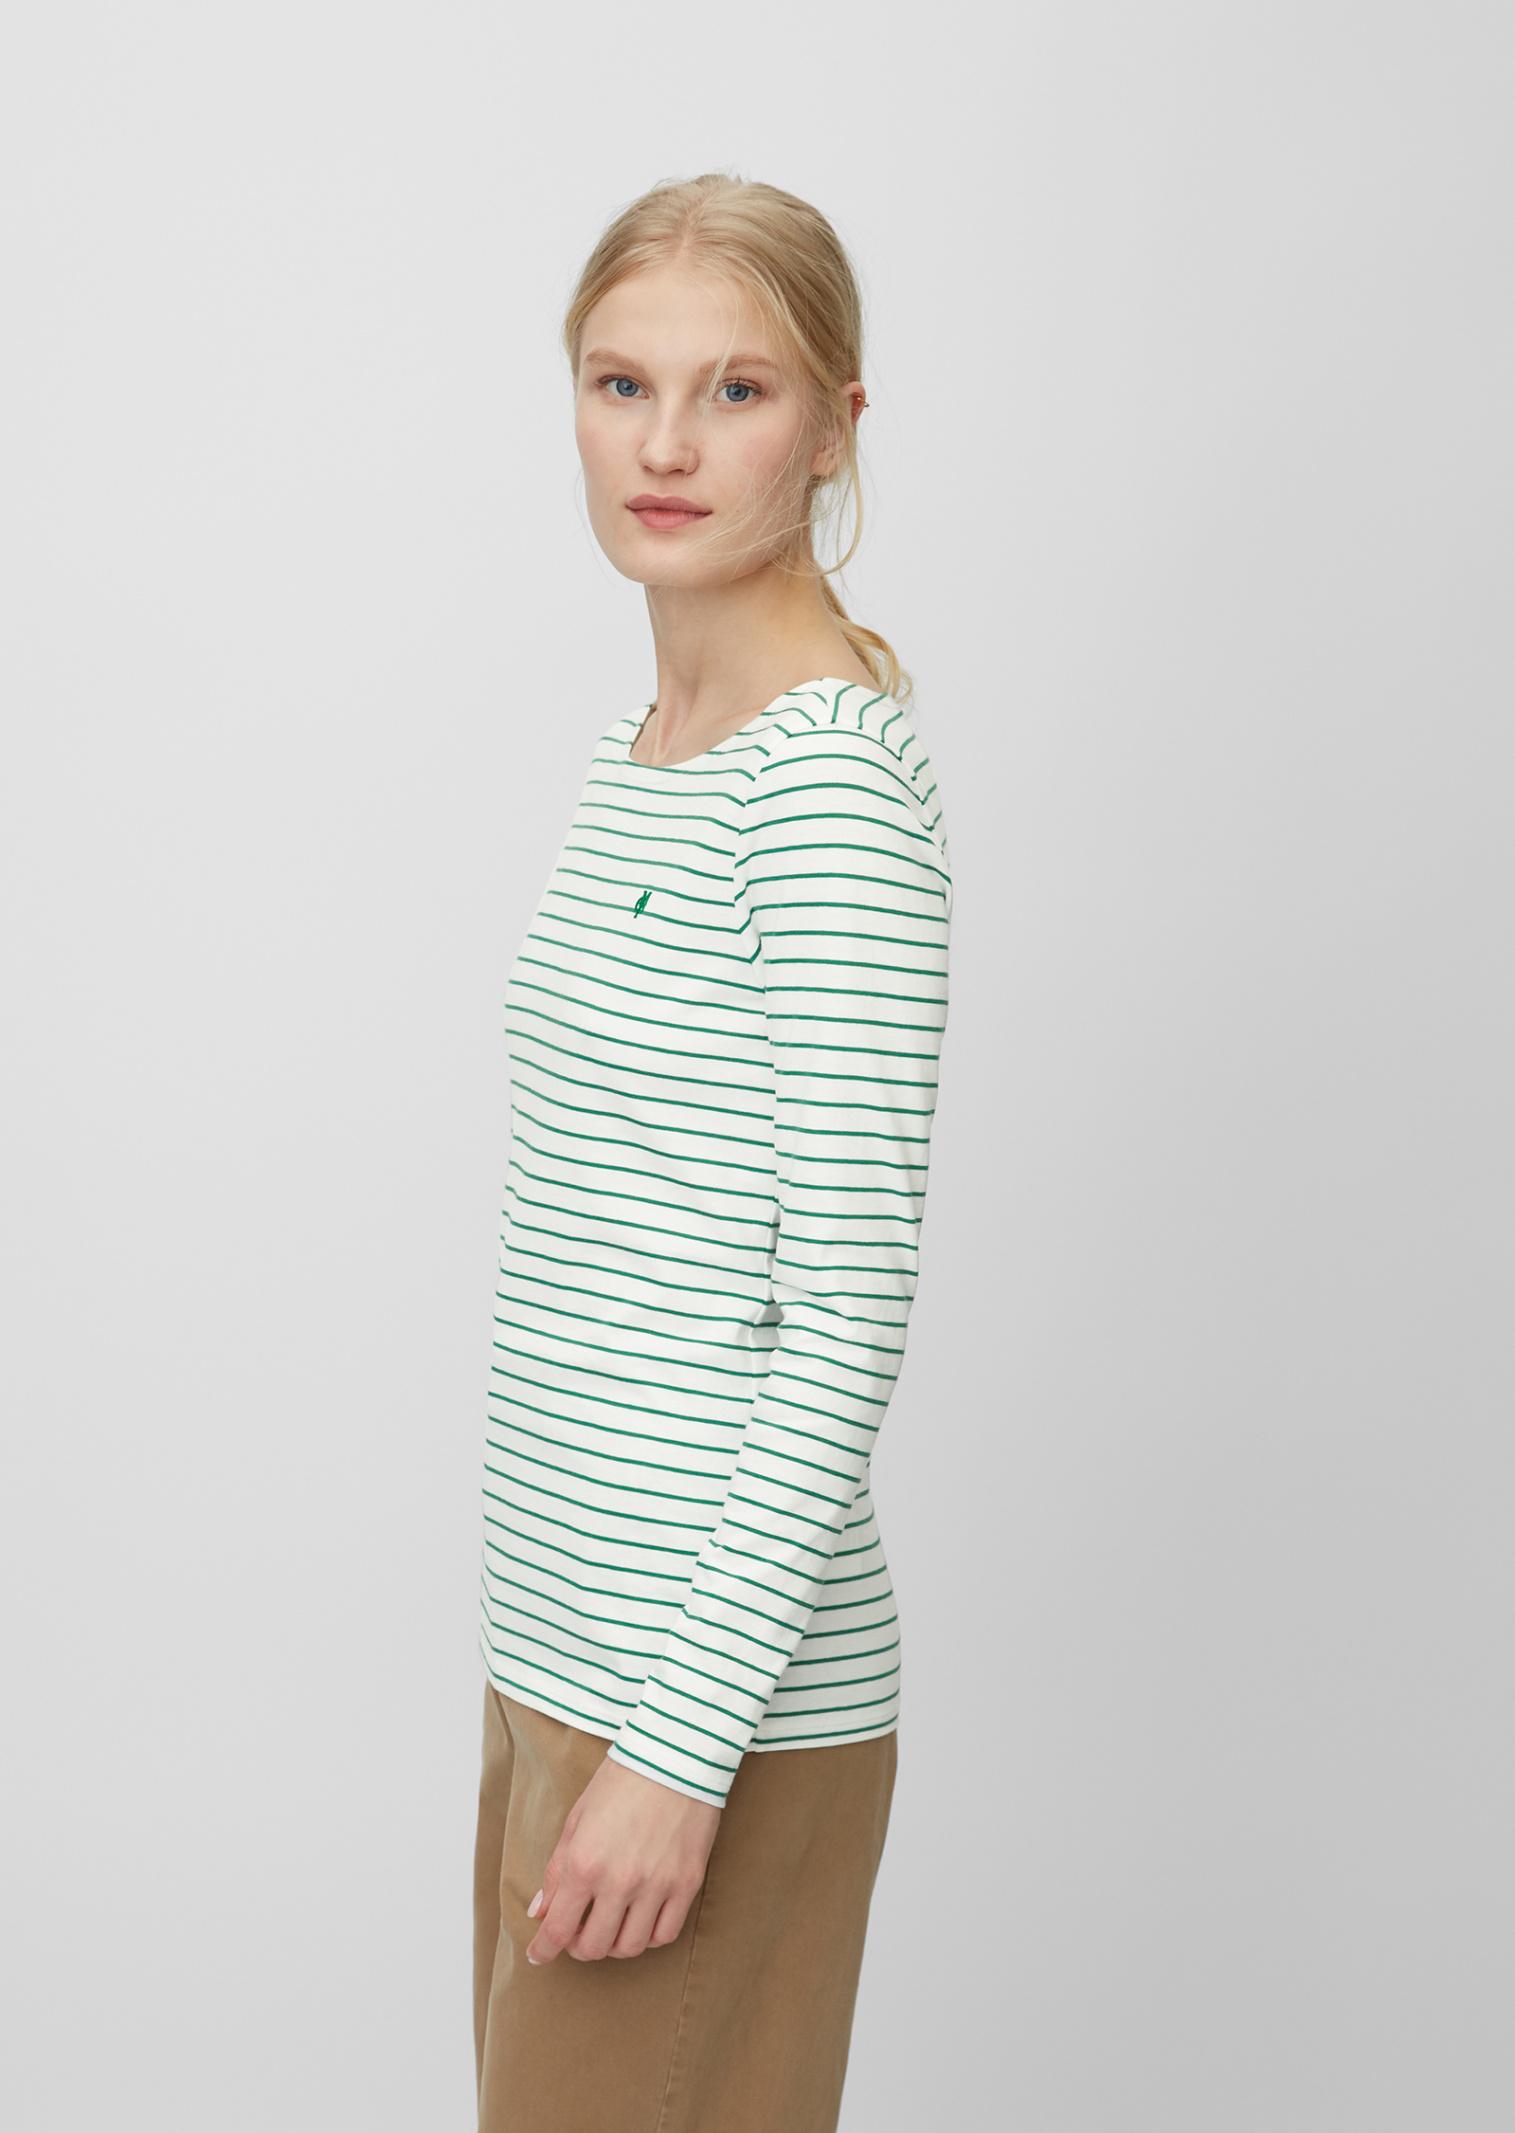 Marc O'Polo Кофти та светри жіночі модель 001218352015-A60 ціна, 2017